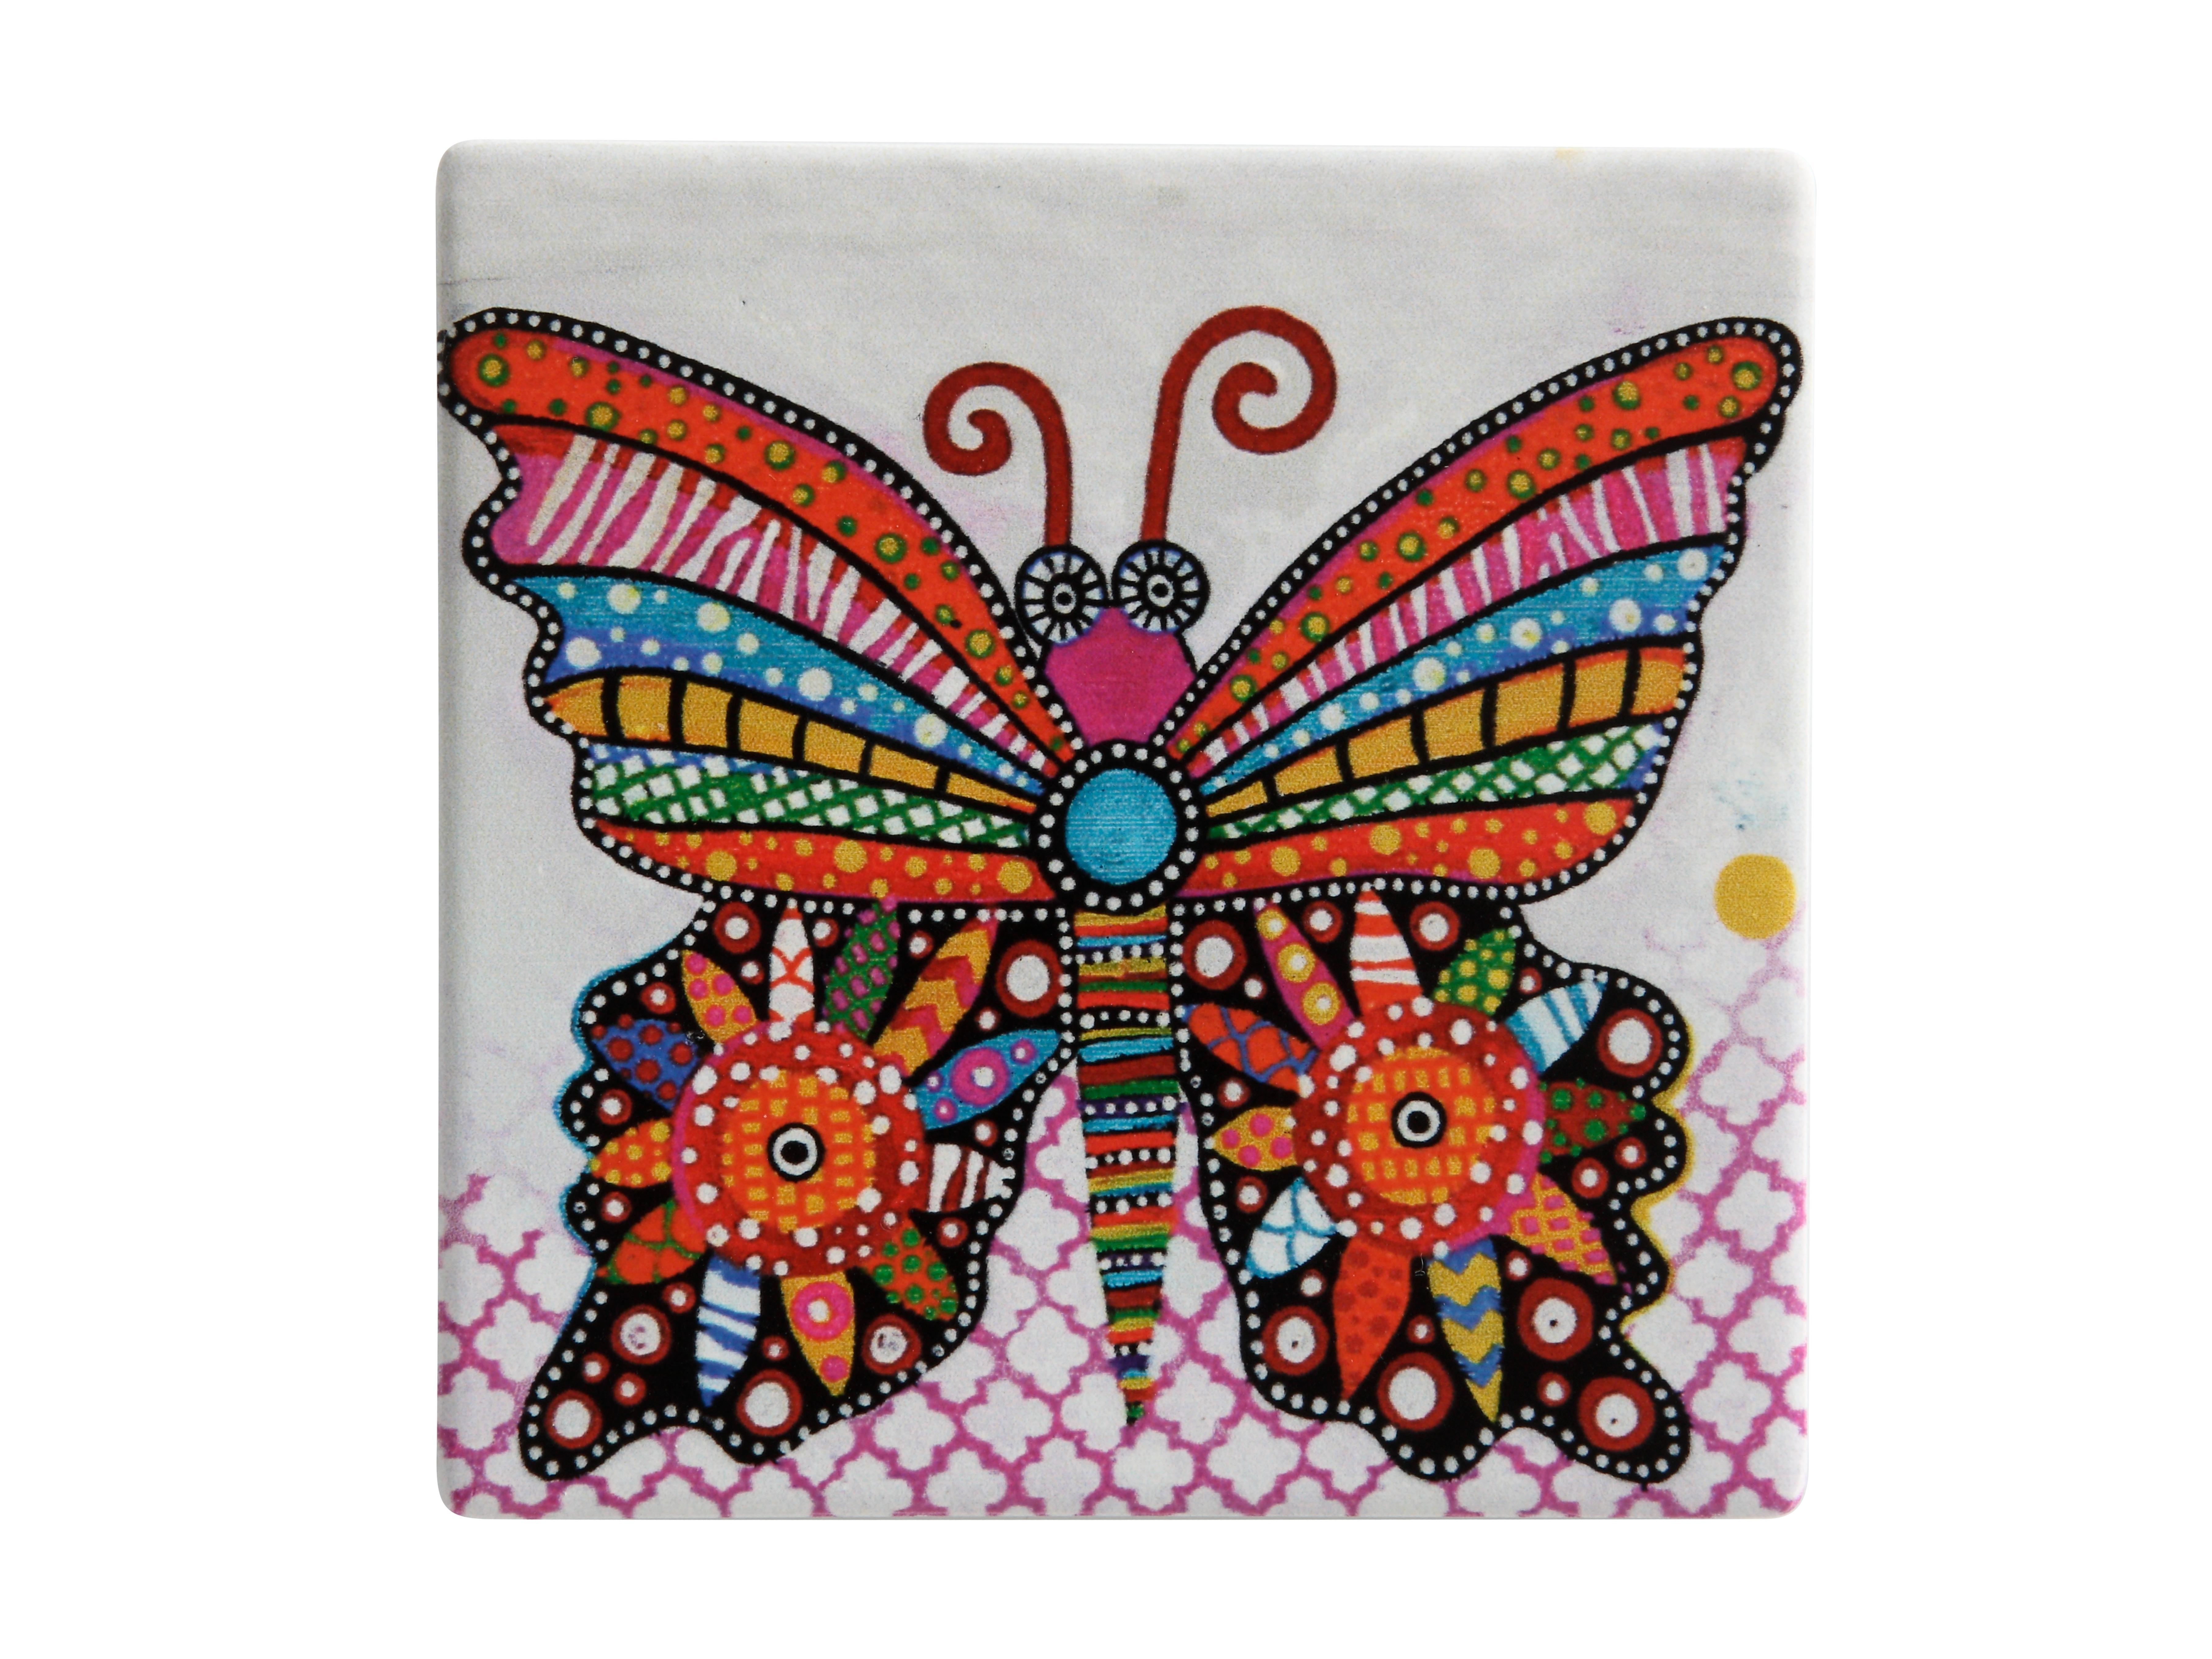 Piastrella sottobicchiere flutter la farfalla smile style du0028